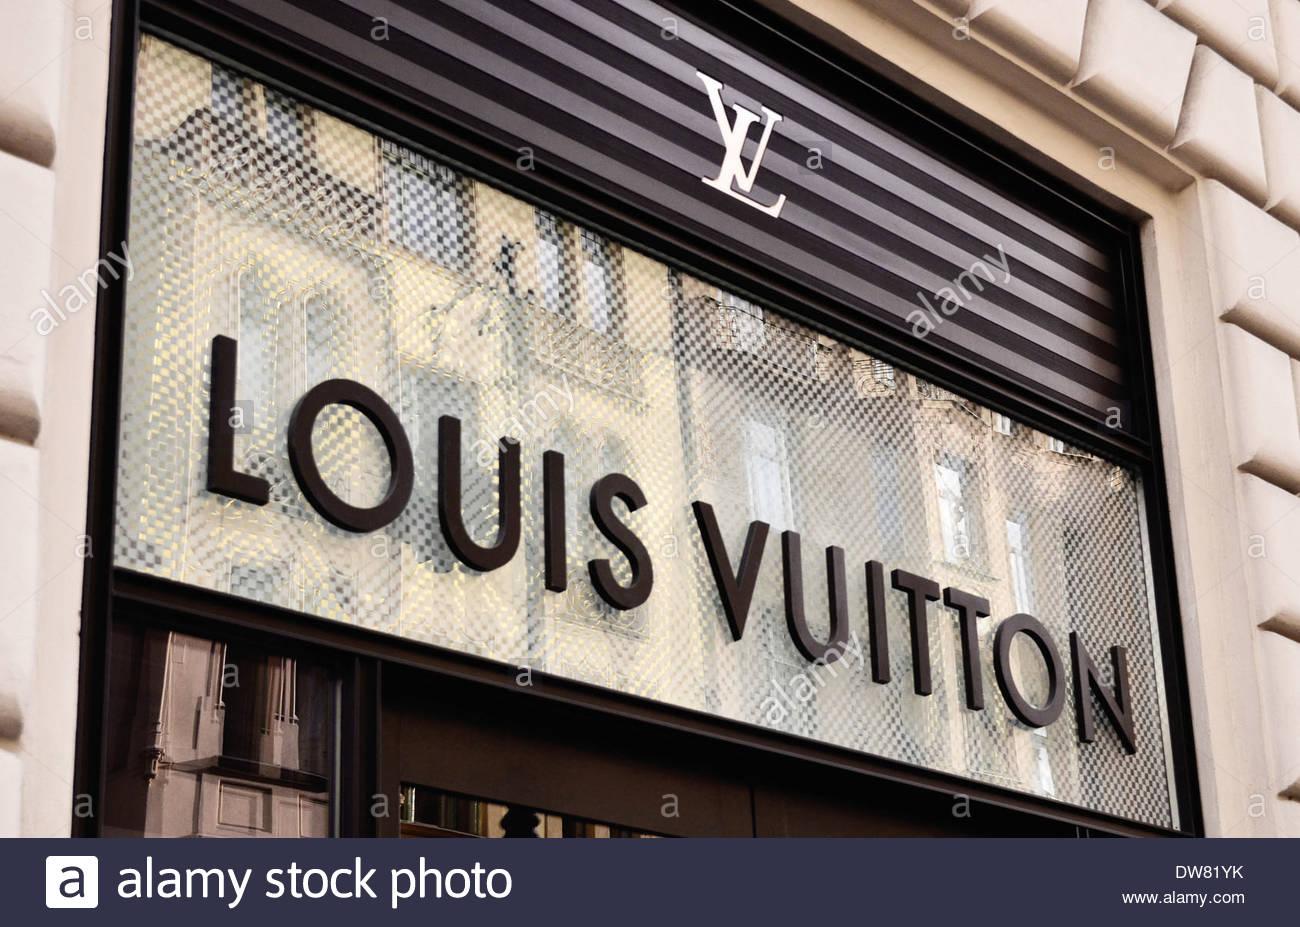 36a80d3fa9fd0 Louis Vuitton Mode Marke Shop-logo Stockfoto